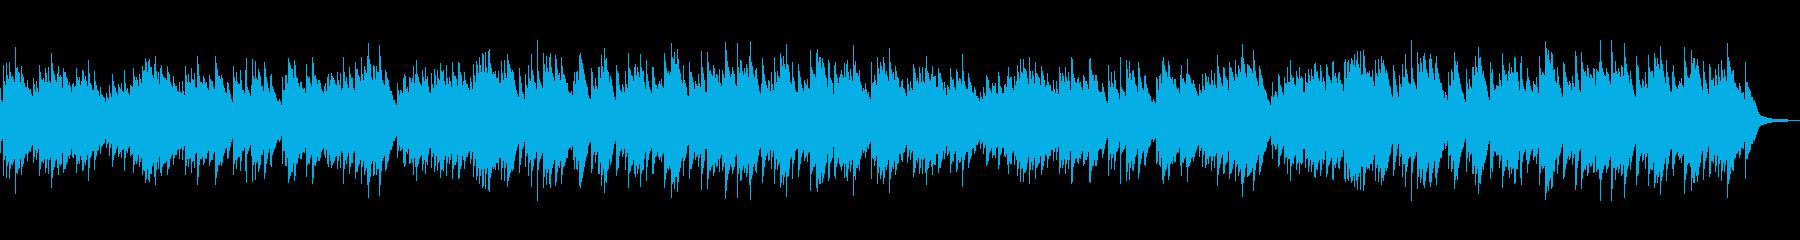 ワルツ、上品、ベル、日常、可愛いBGM2の再生済みの波形